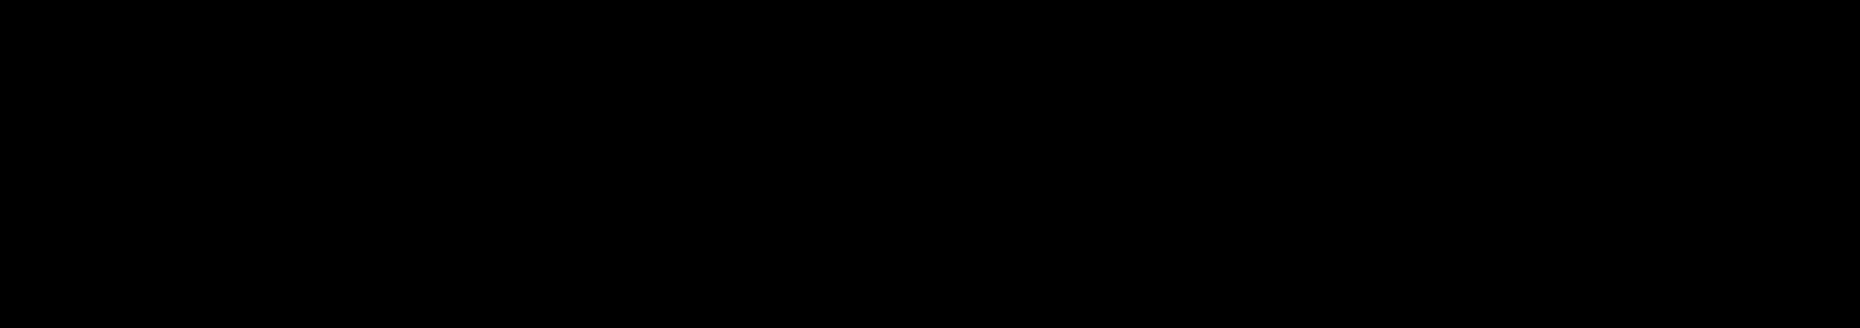 LEONARDOROSA